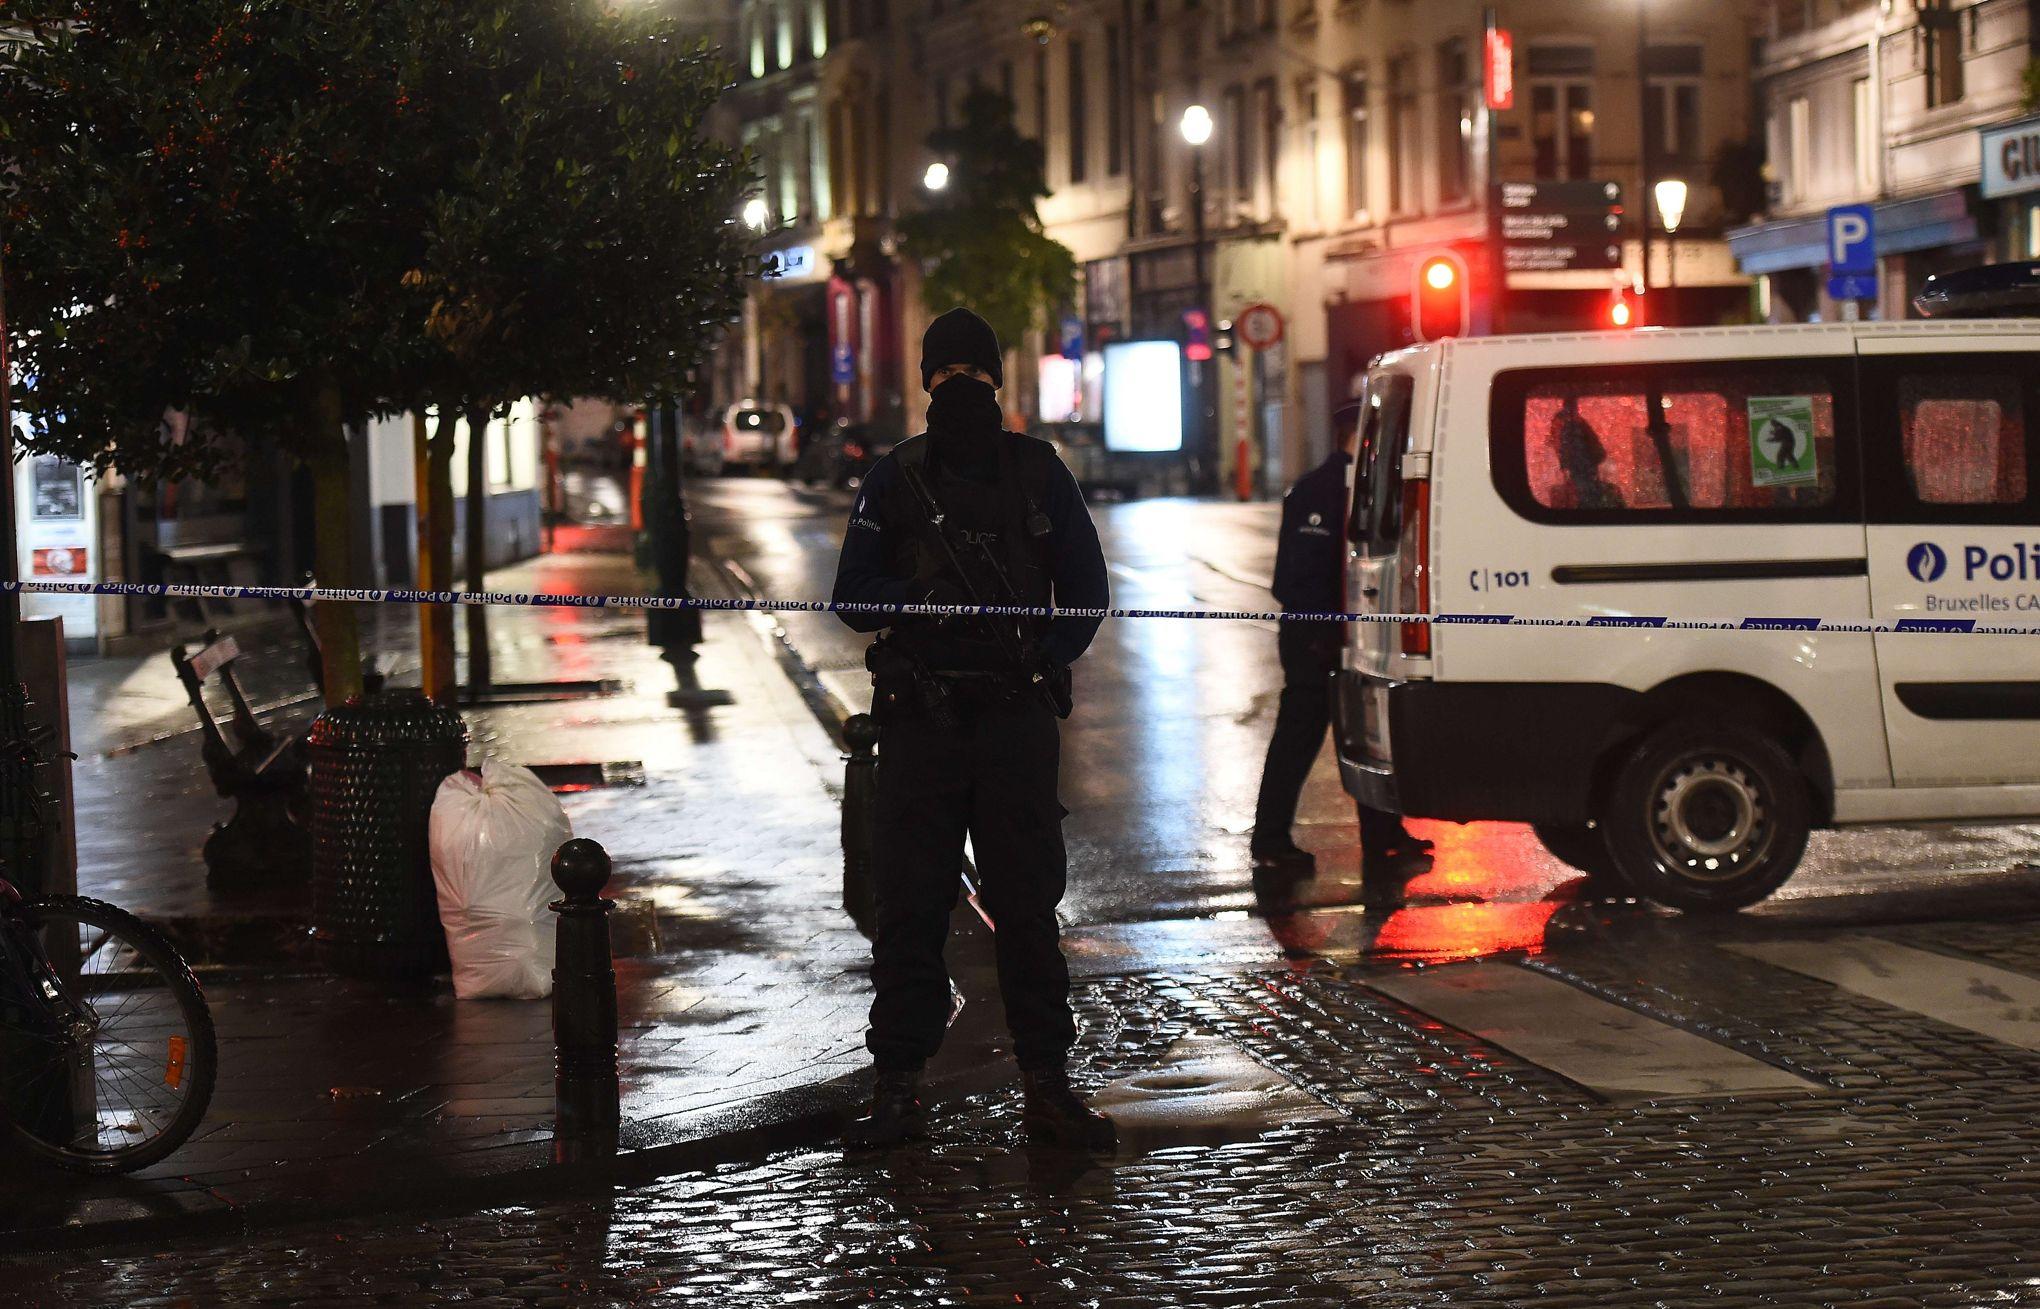 Bruxelles paralysée par la menace terroriste